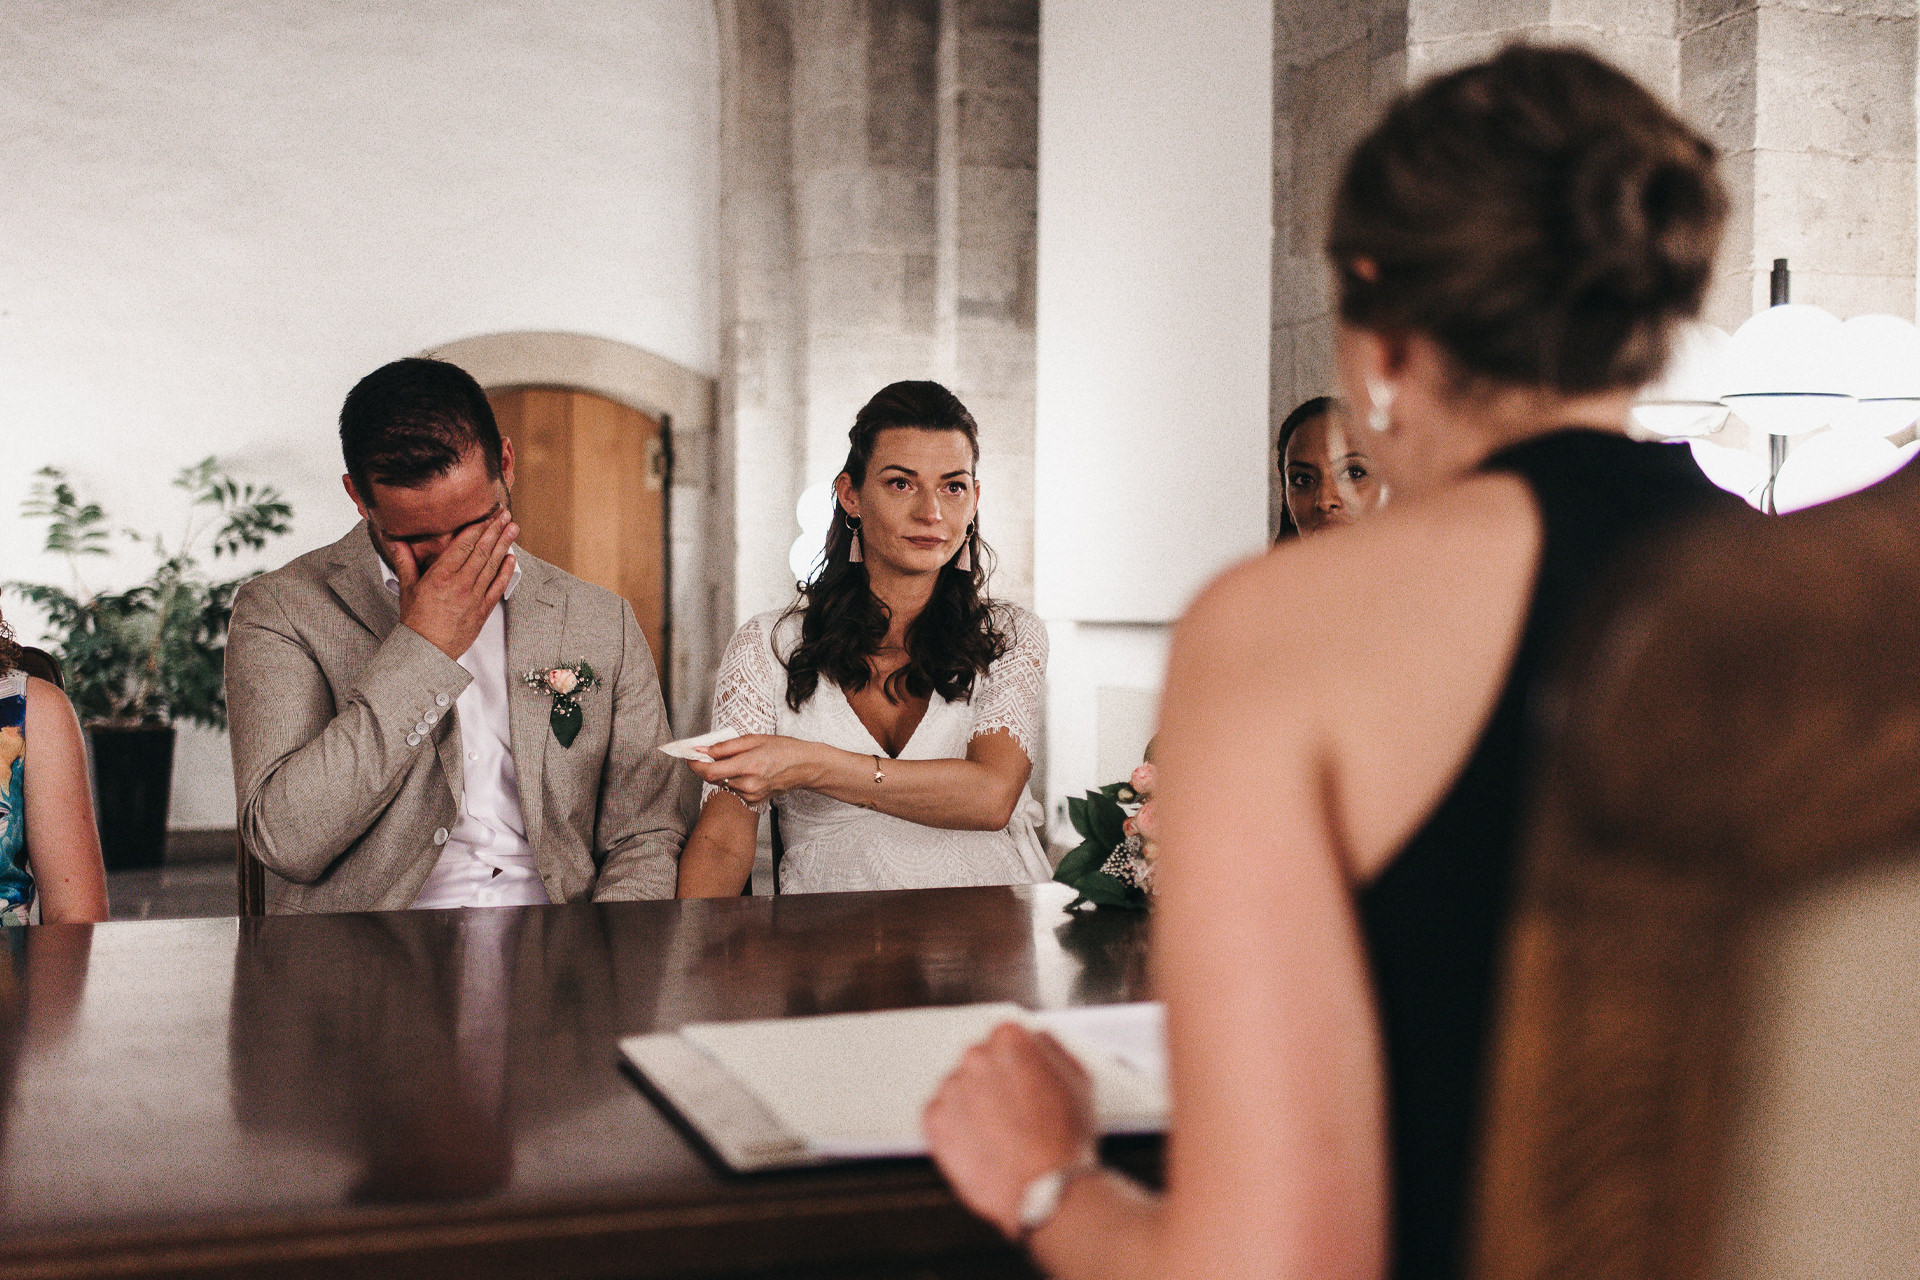 Bräutigam kann seine Tränen nicht mehr zurückhalten und wird von seiner Braut getröstet - Hochzeitsreportage Köln - standesamtliche Hochzeit - Chris Reuter Hochzeitsfotograf